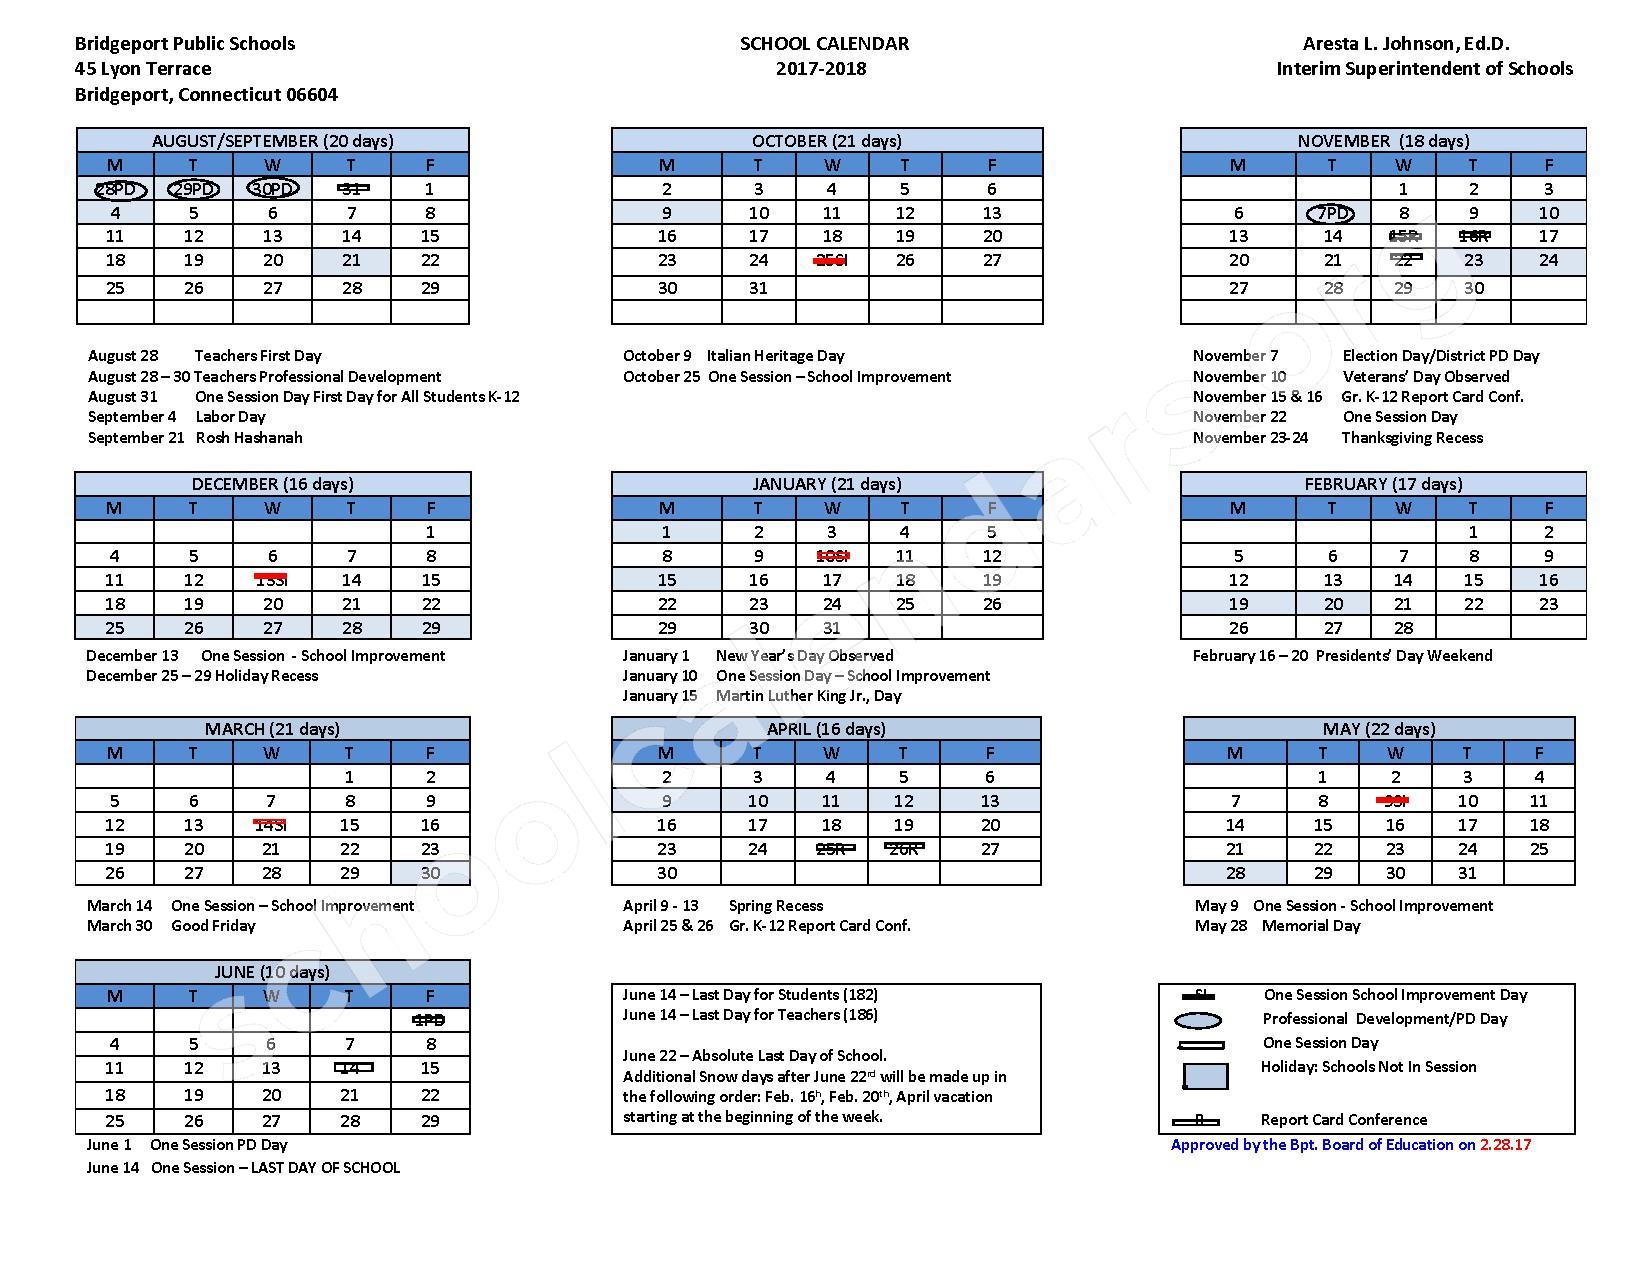 2017 - 2018 School Calendar – Bridgeport School District – page 1